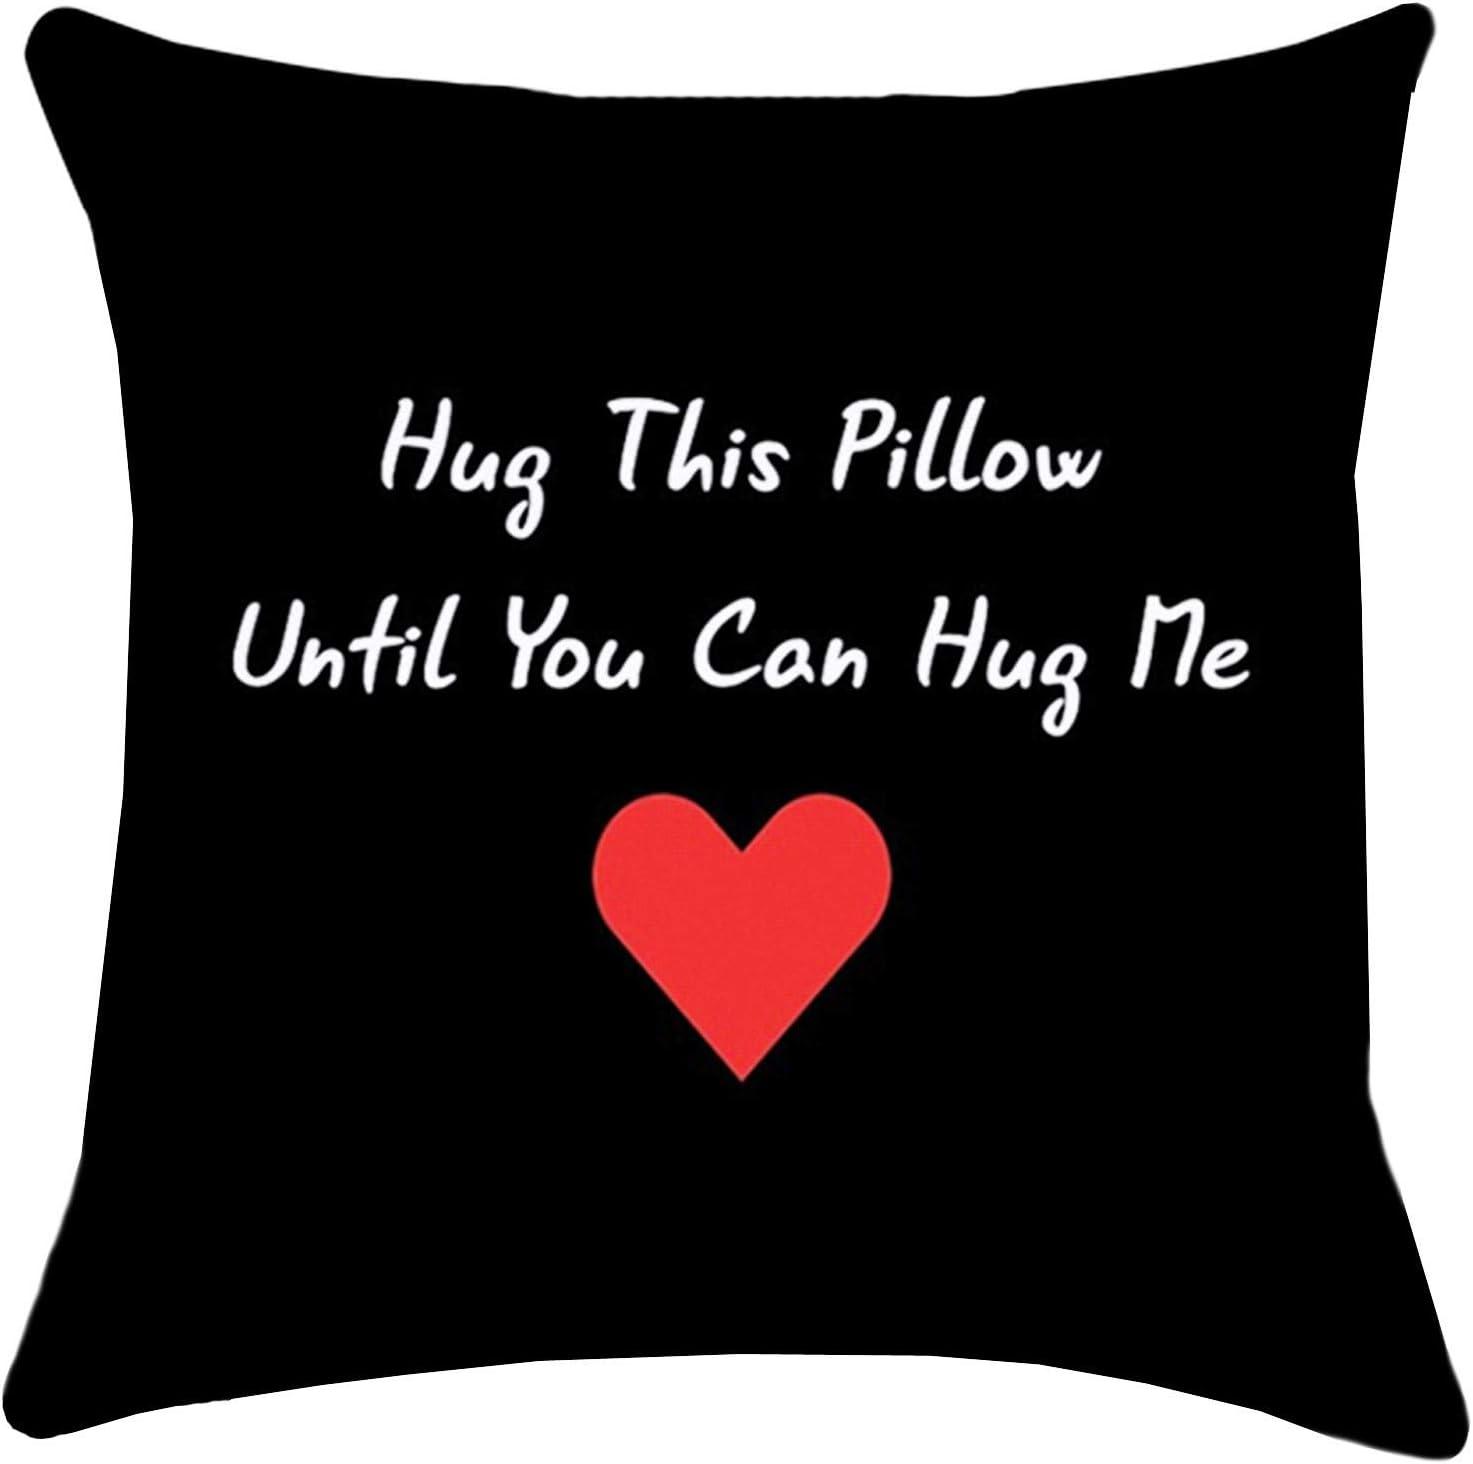 Cotton Linen Outdoor Cushion Pillowcase